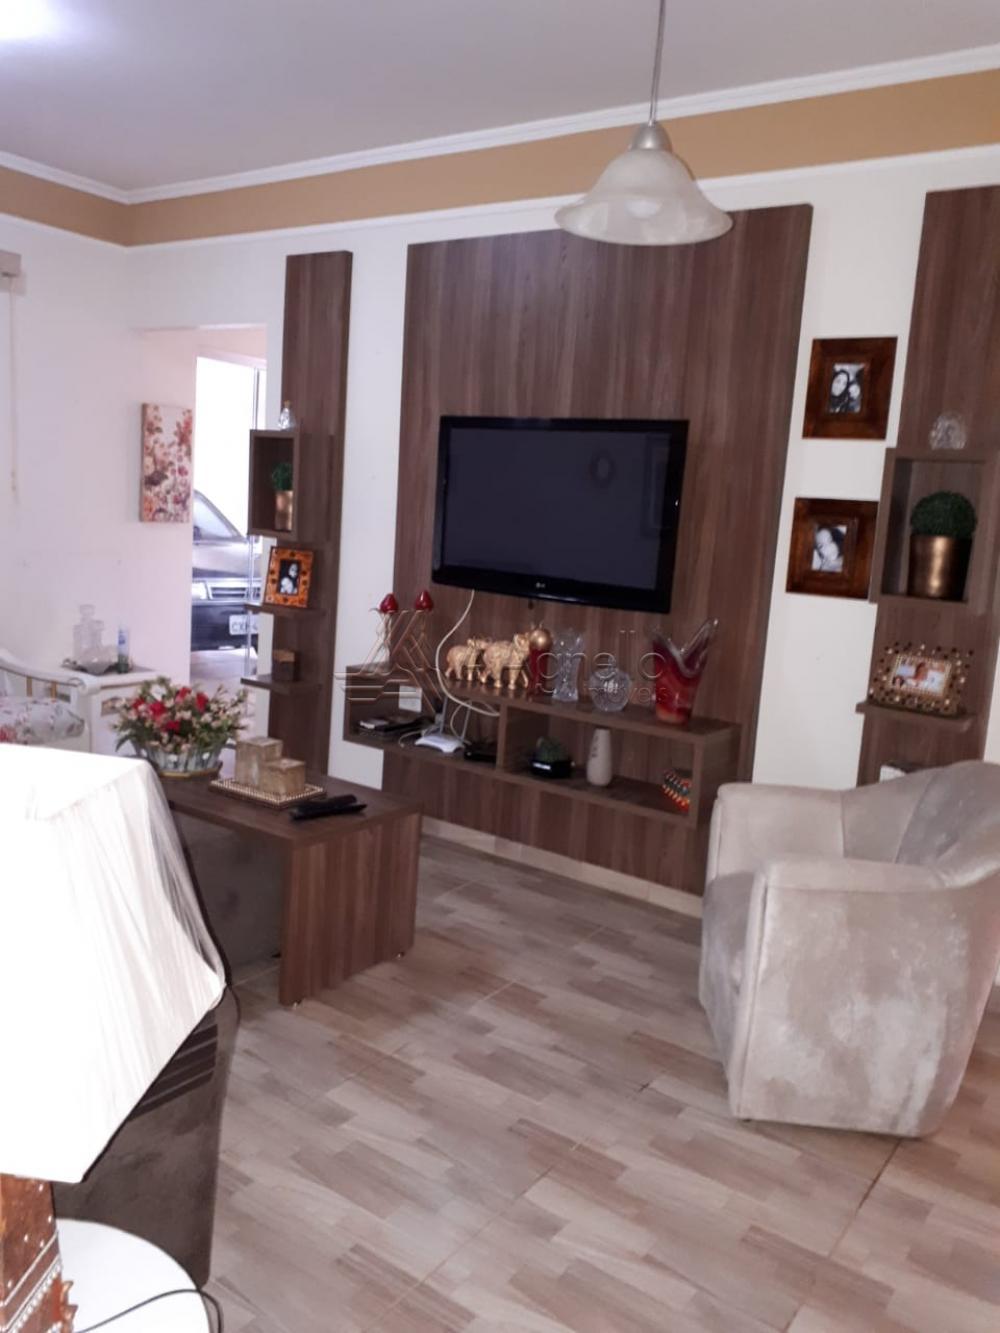 Comprar Casa / Padrão em Franca apenas R$ 280.000,00 - Foto 14